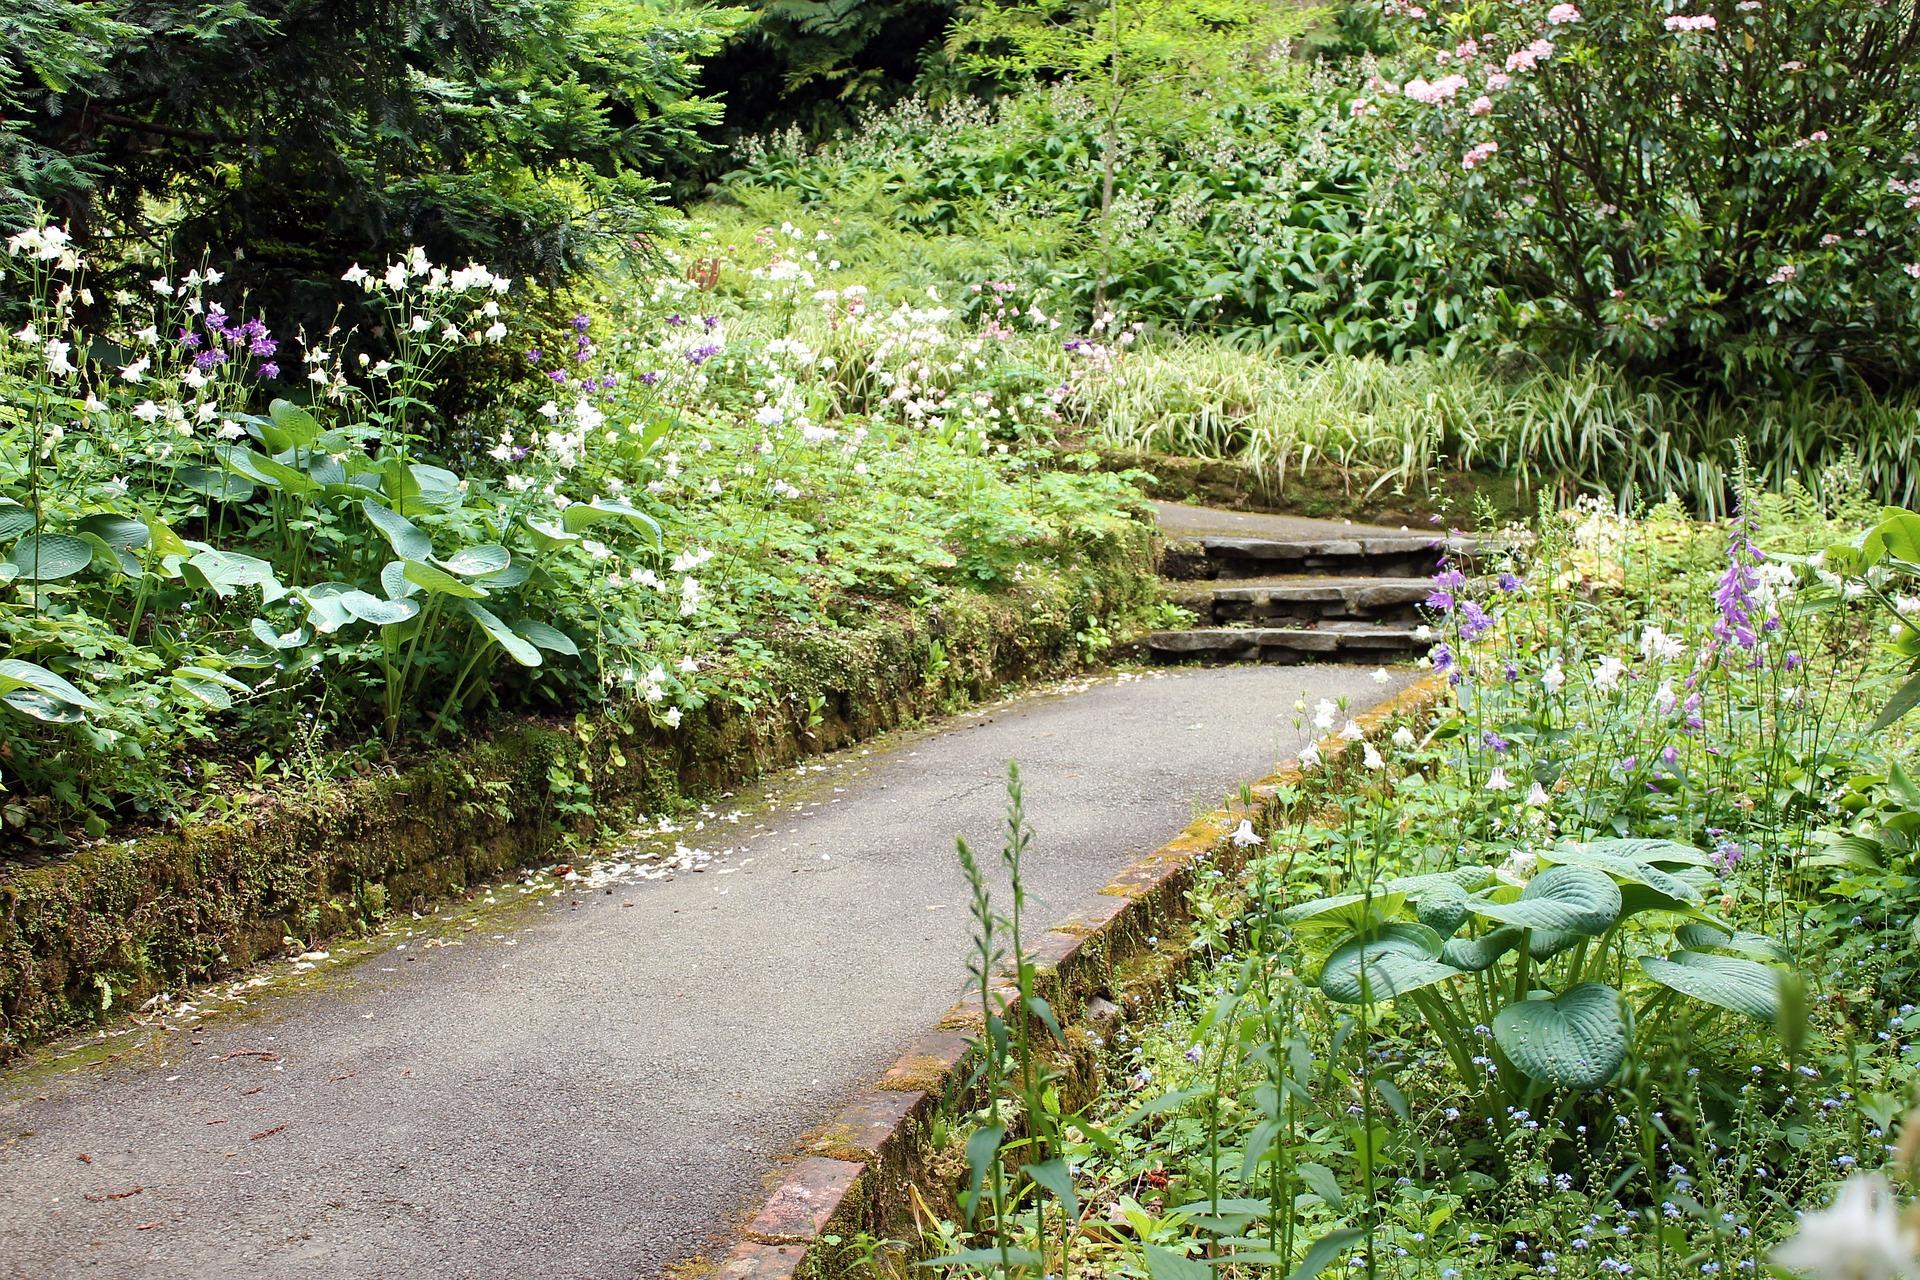 Comment Aménager Son Jardin En Pente conseils pour créer un jardin dans une pente - jardinage blog